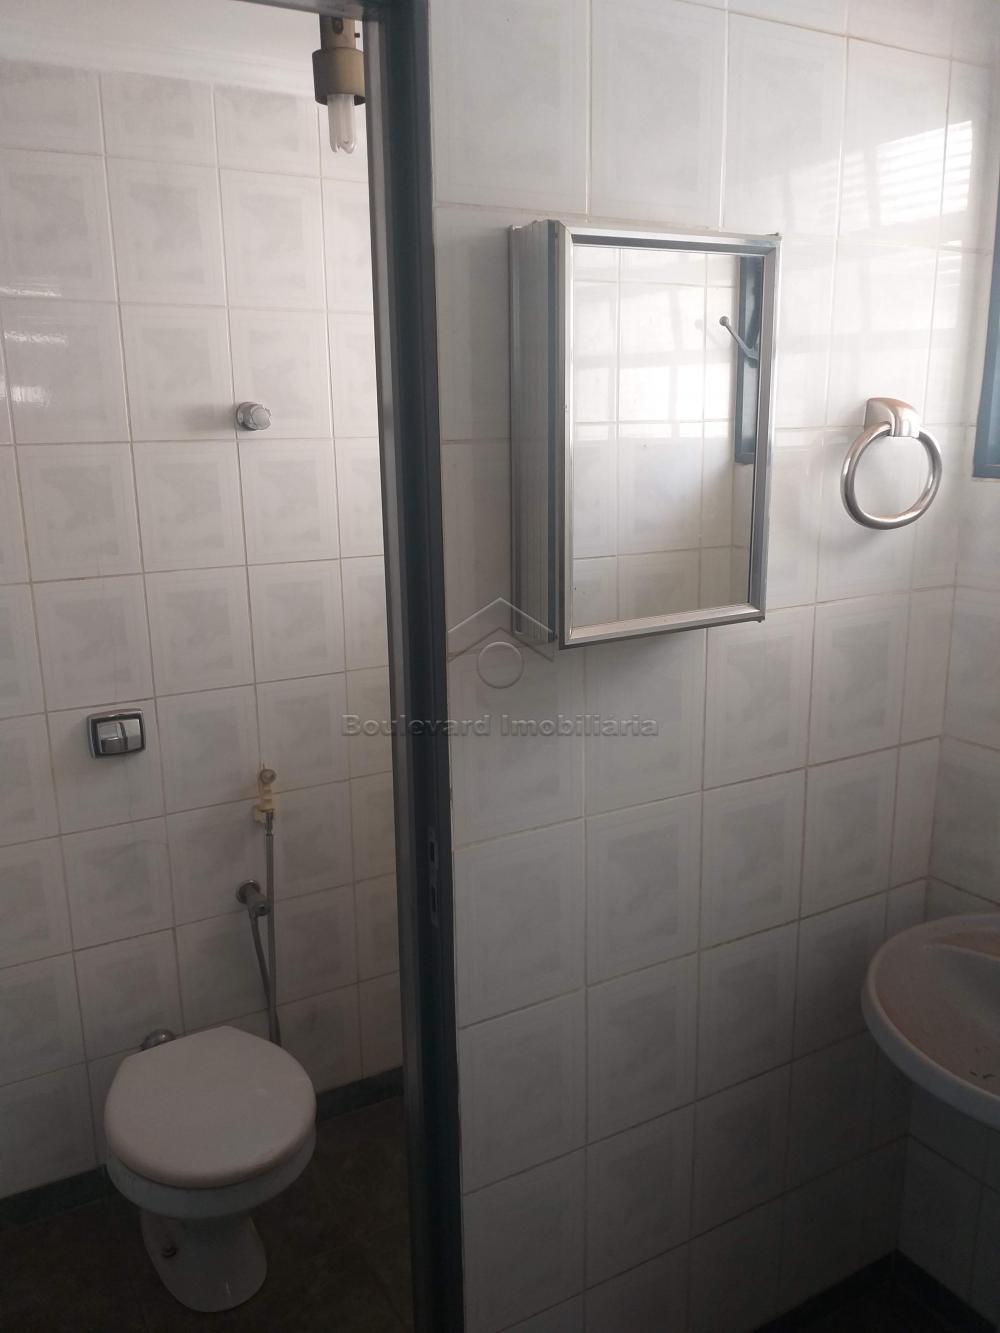 Alugar Casa / Sobrado em Ribeirão Preto R$ 2.400,00 - Foto 4